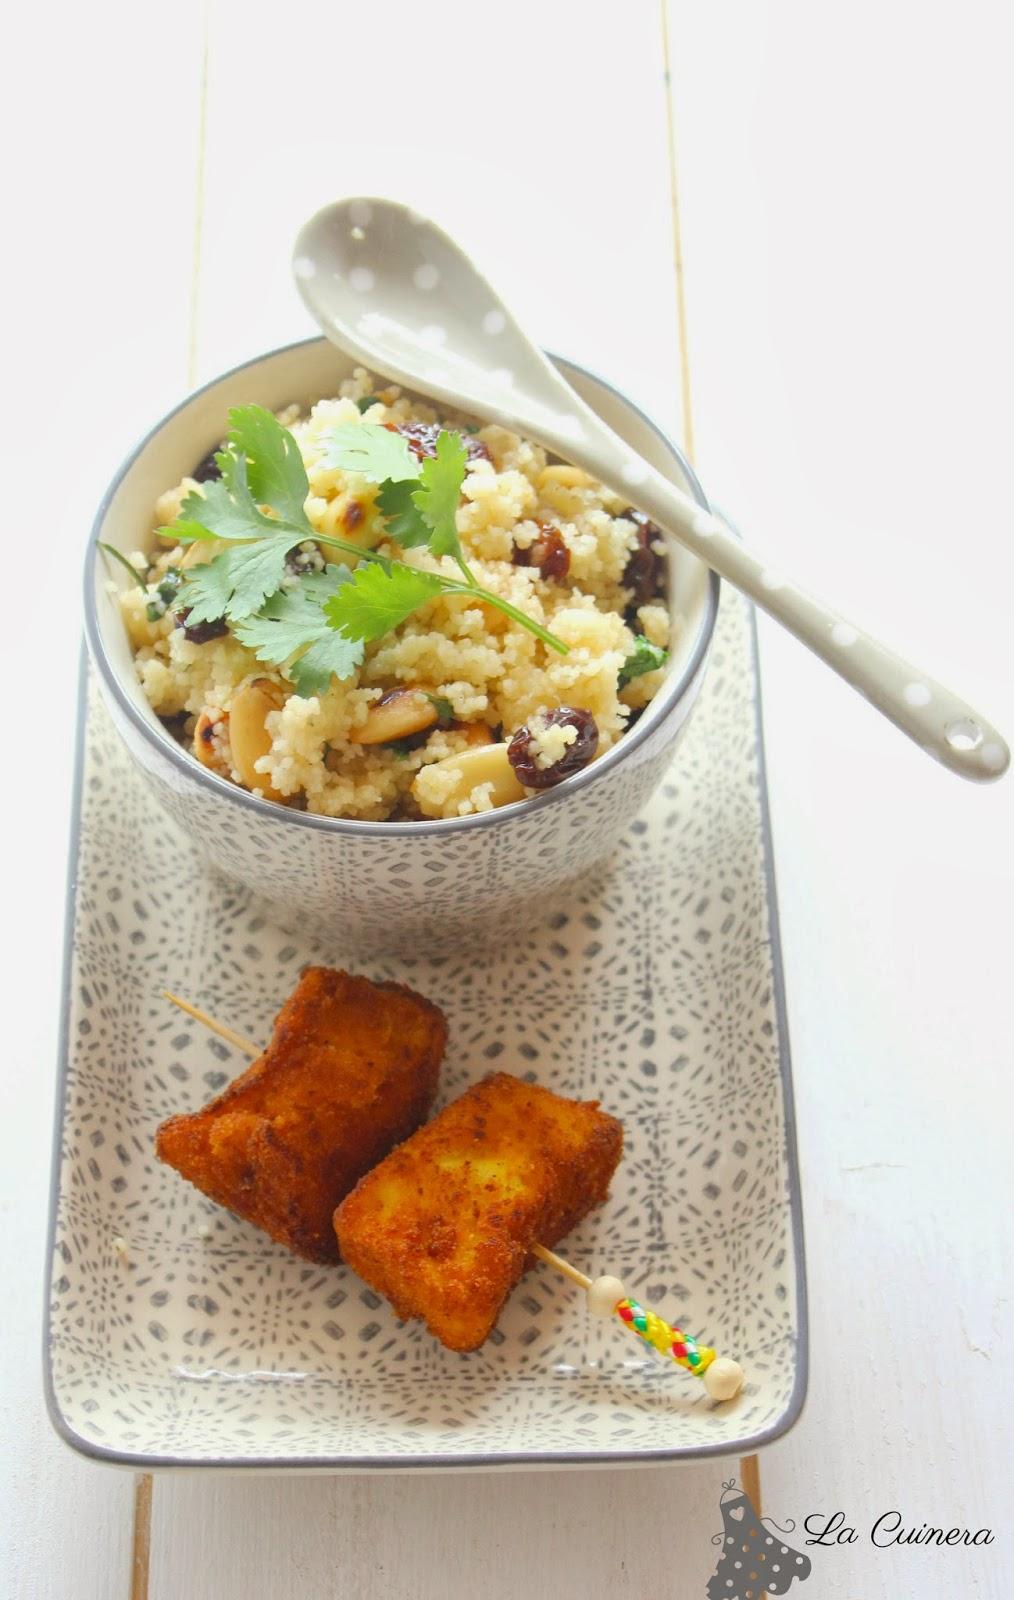 La cuinera cous cous y pollo al curry for Como cocinar pollo al curry